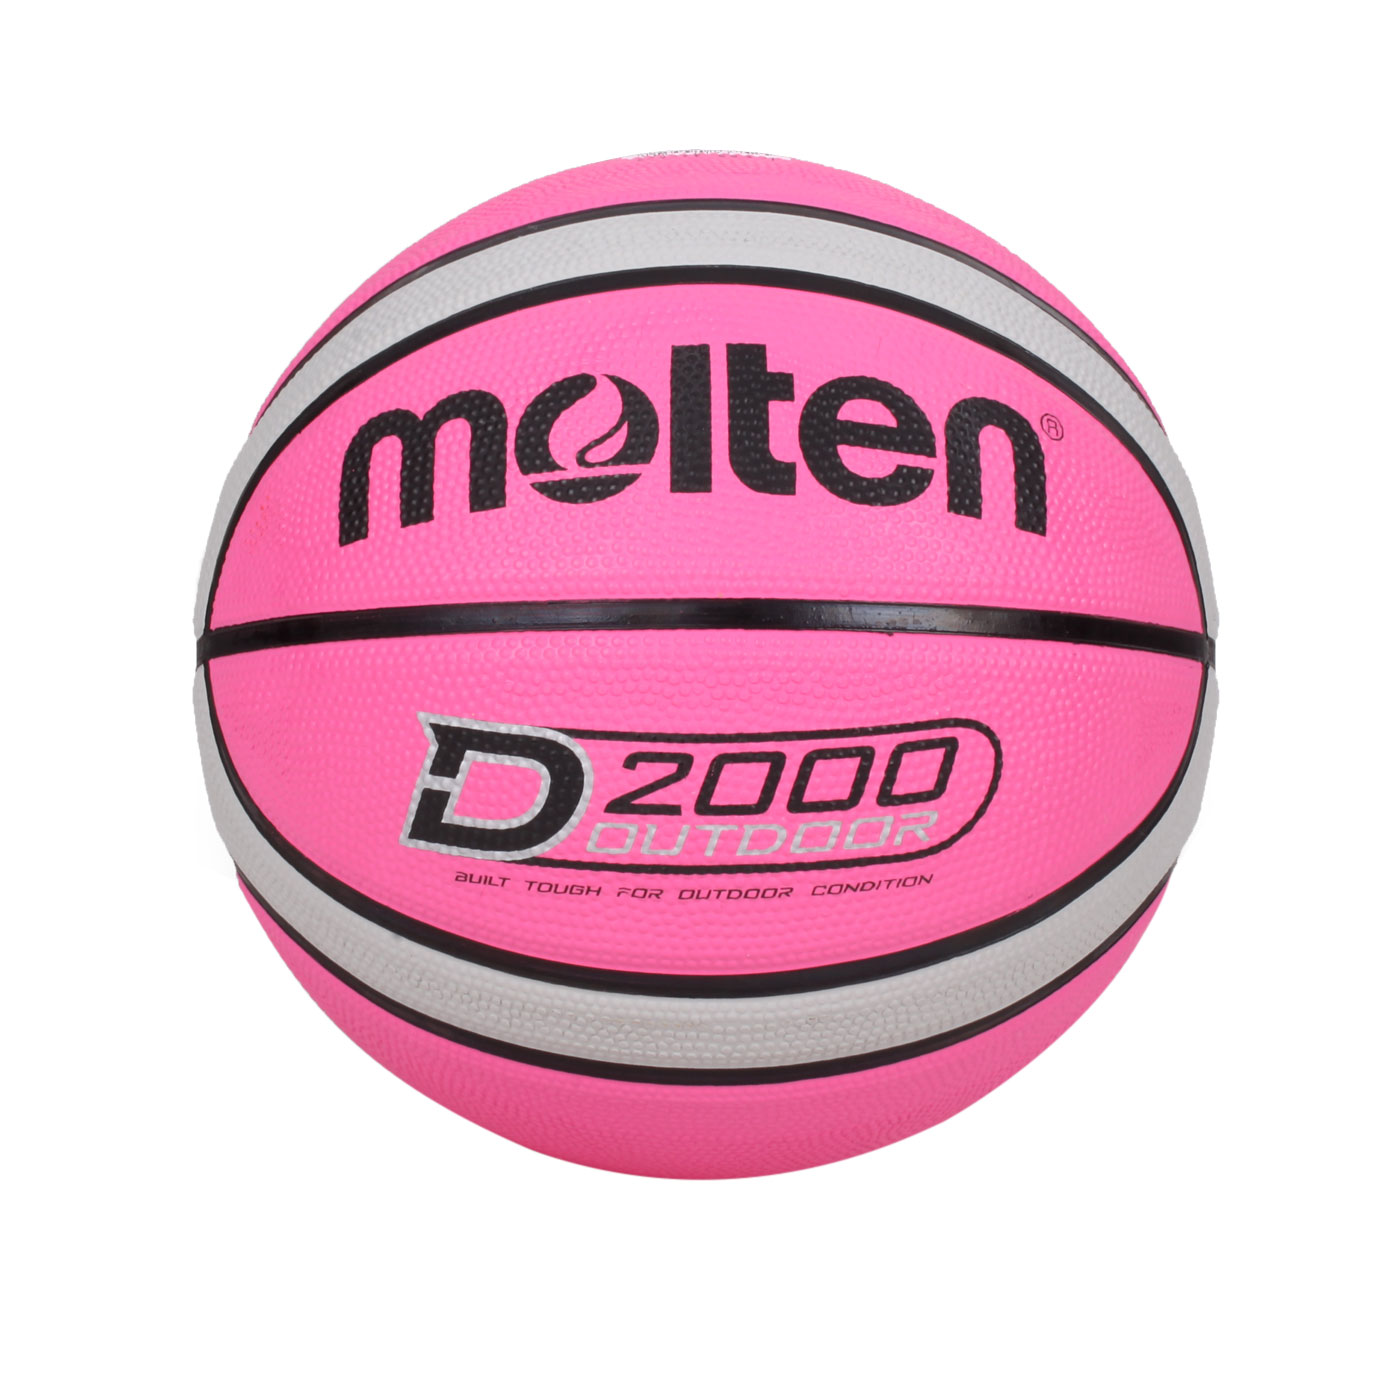 Molten #6橡膠深溝12片貼籃球 B6D2005-PH - 粉紅灰